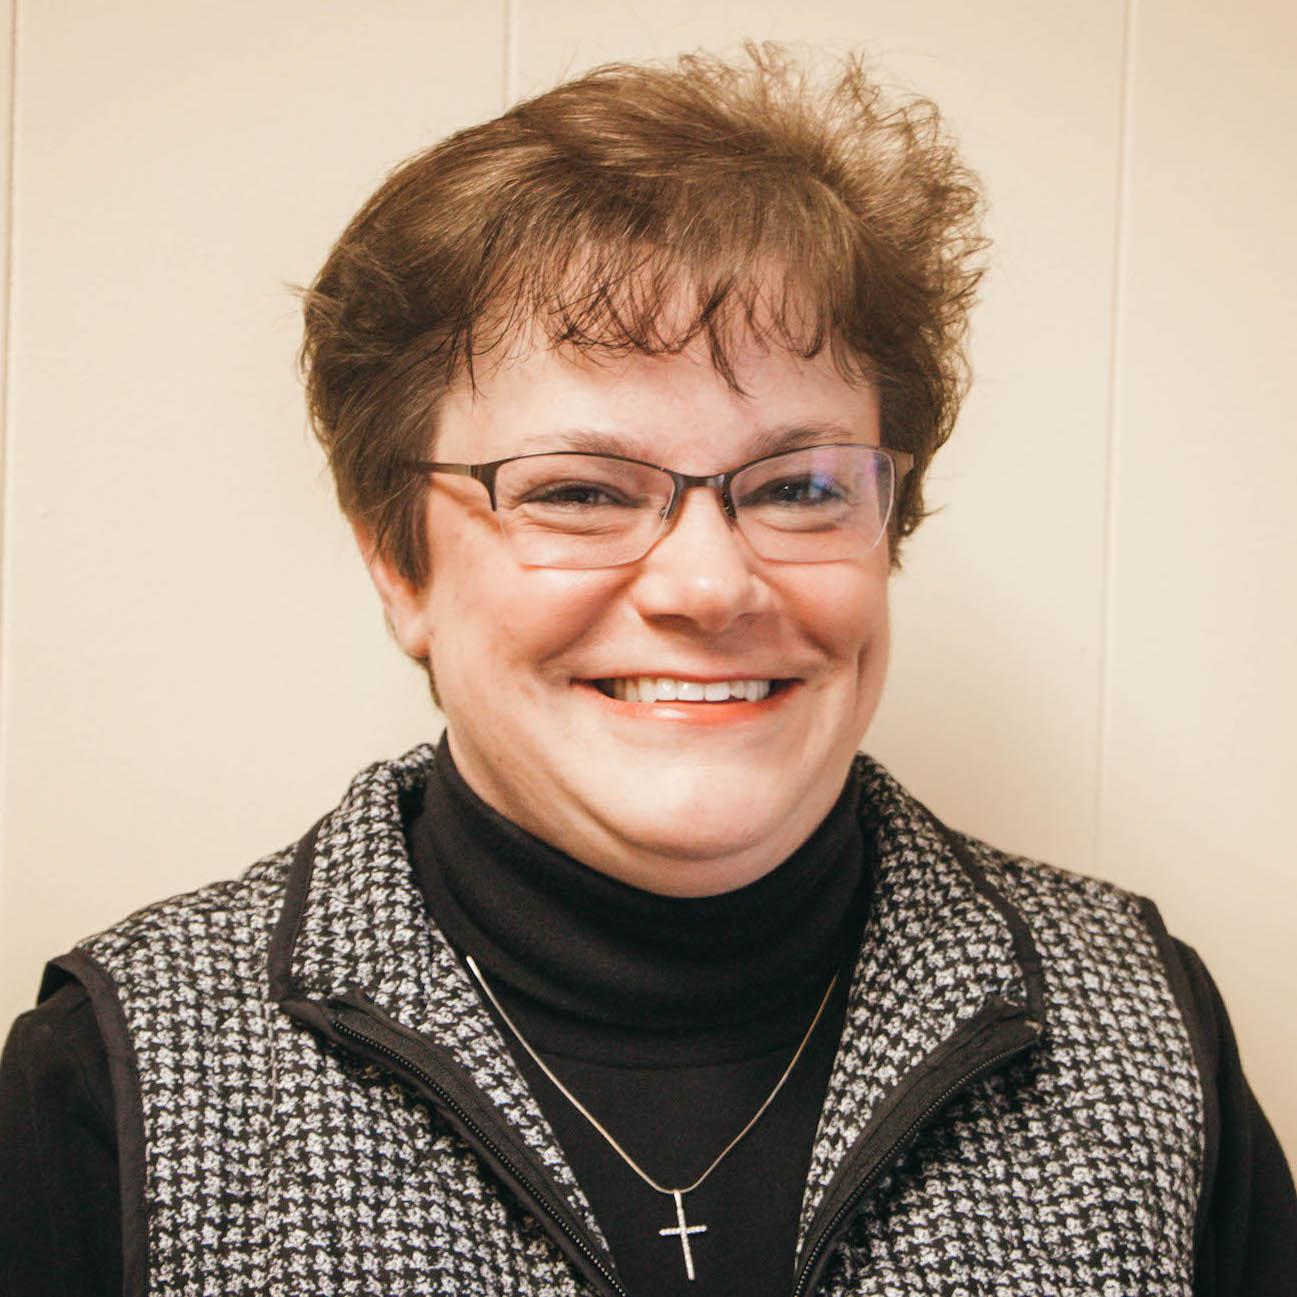 Carrie Lems